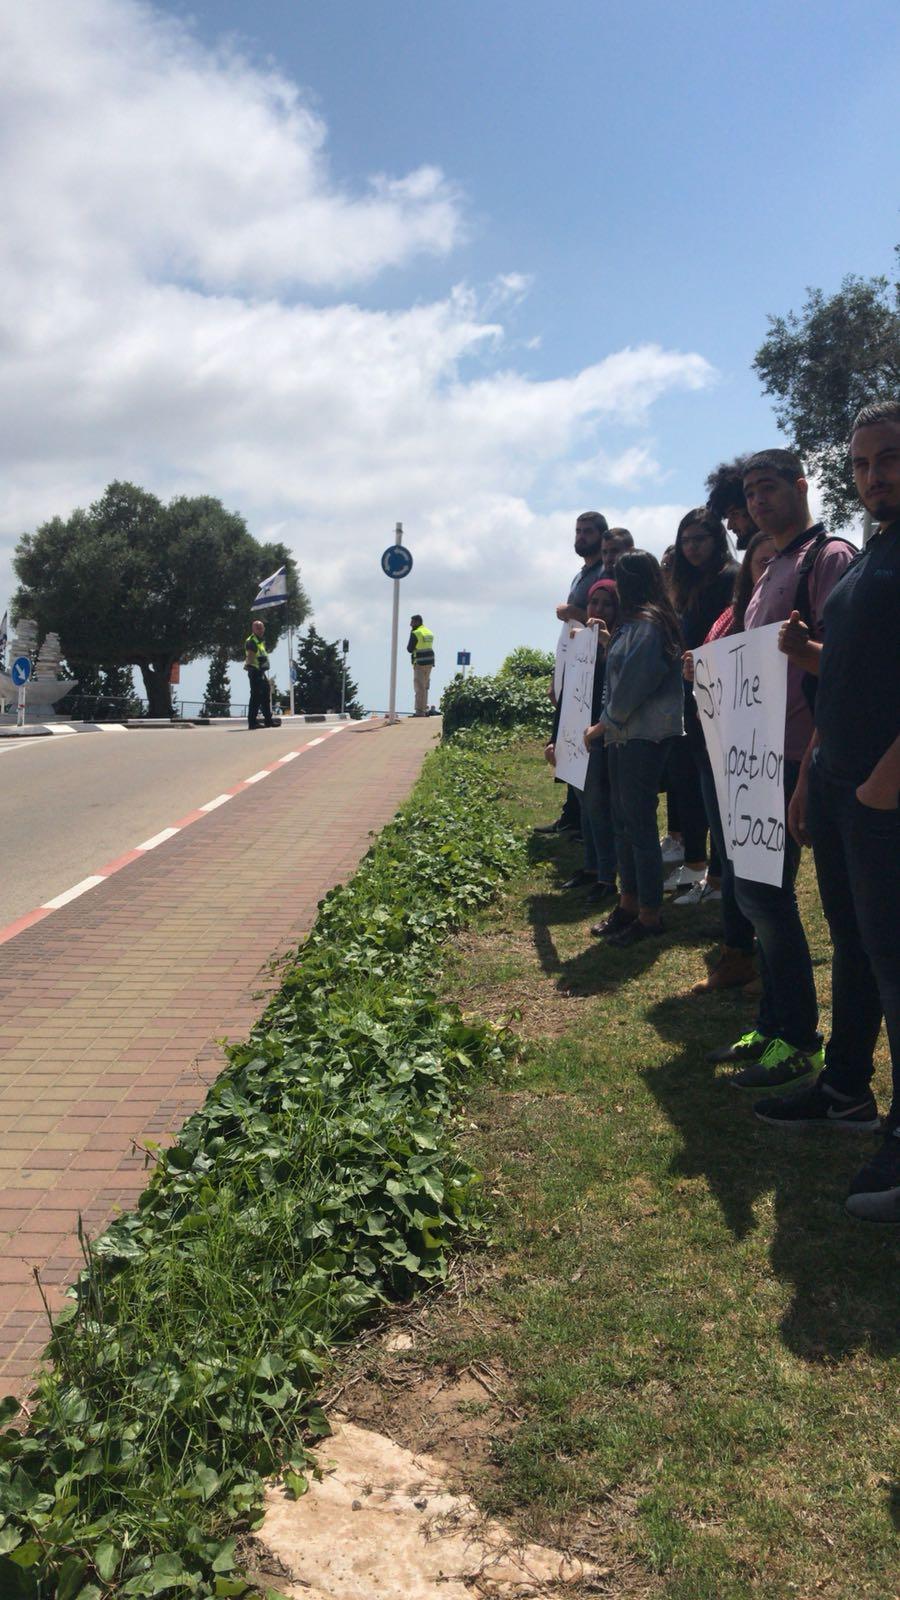 جامعة حيفا: تظاهرة طلابية إحياء لذكرى النكبة وتلبية لغزة